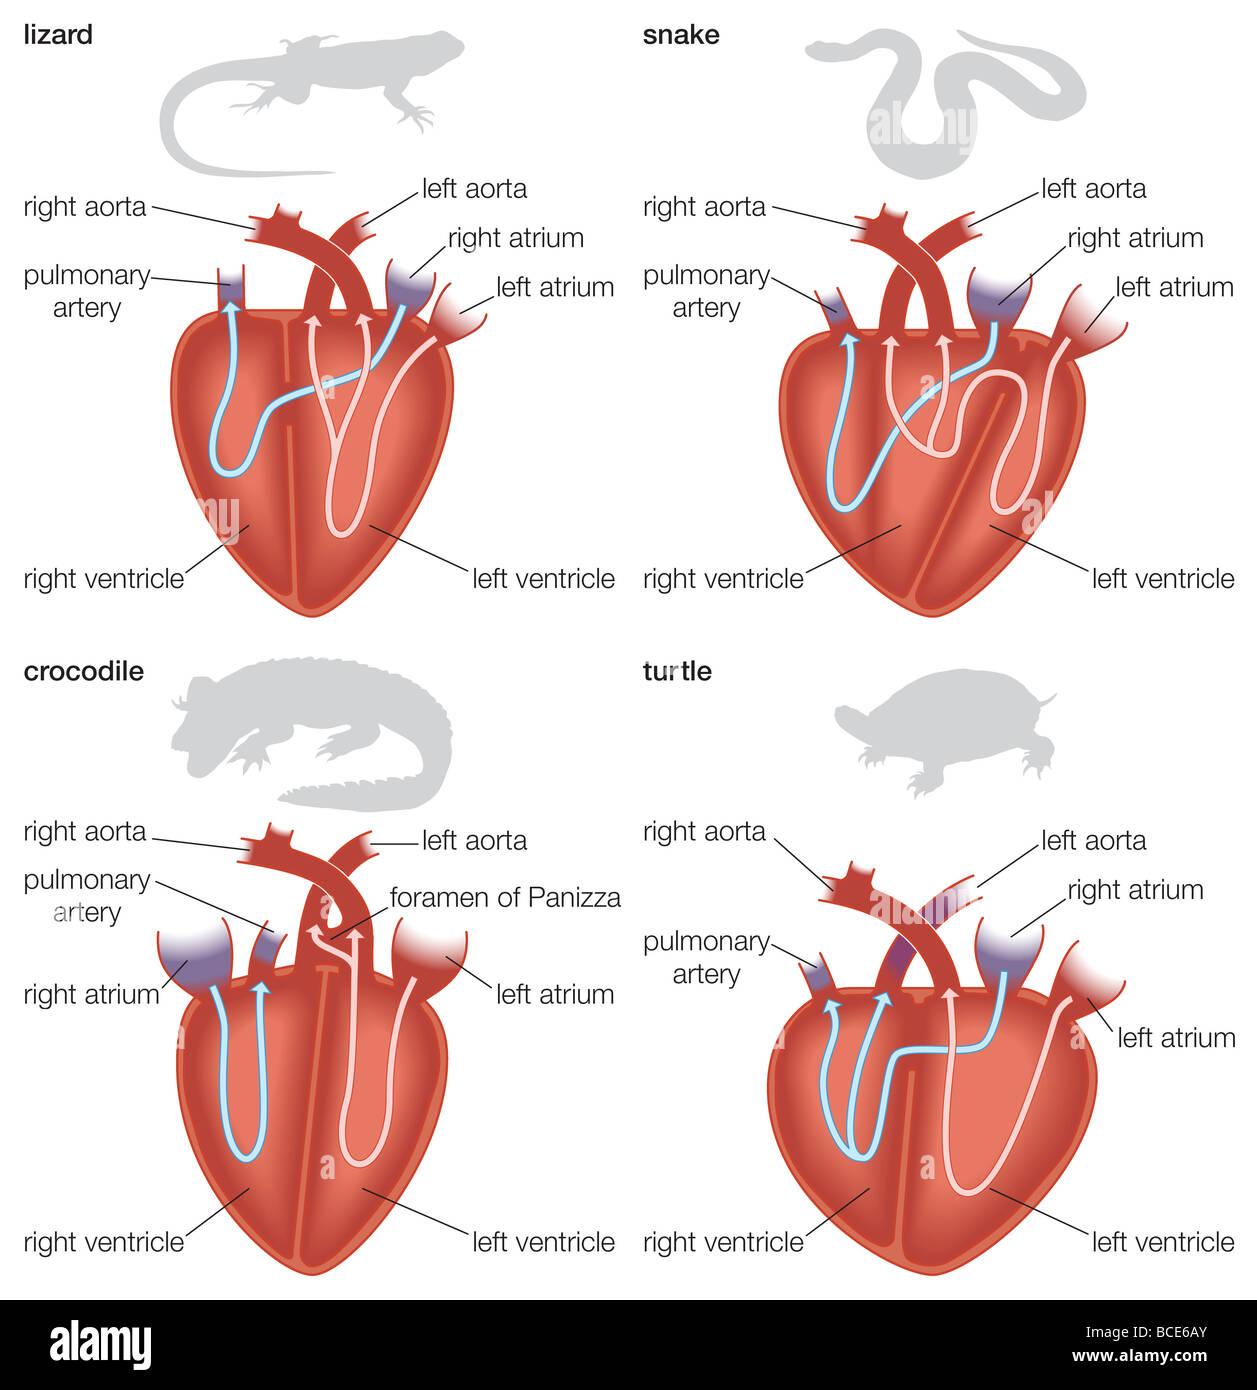 Reptile Heart Diagram Wire Data Schema Scr Driver Circuit Tradeoficcom Types Of Reptilian Hearts Lizard Snake Crocodile And Amphibian Fish